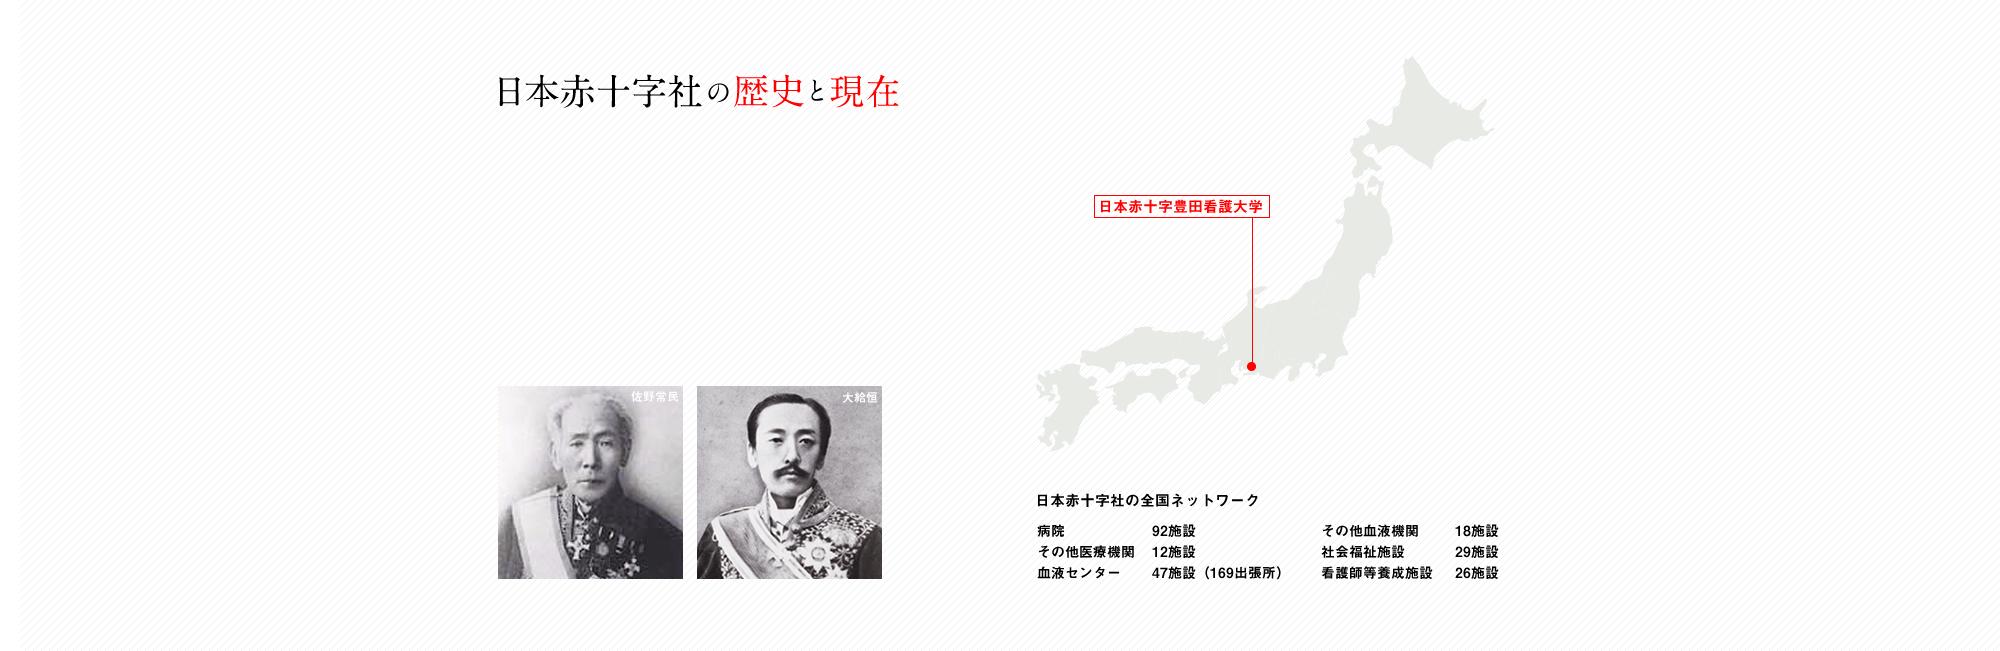 日本赤十字社の歴史と現在